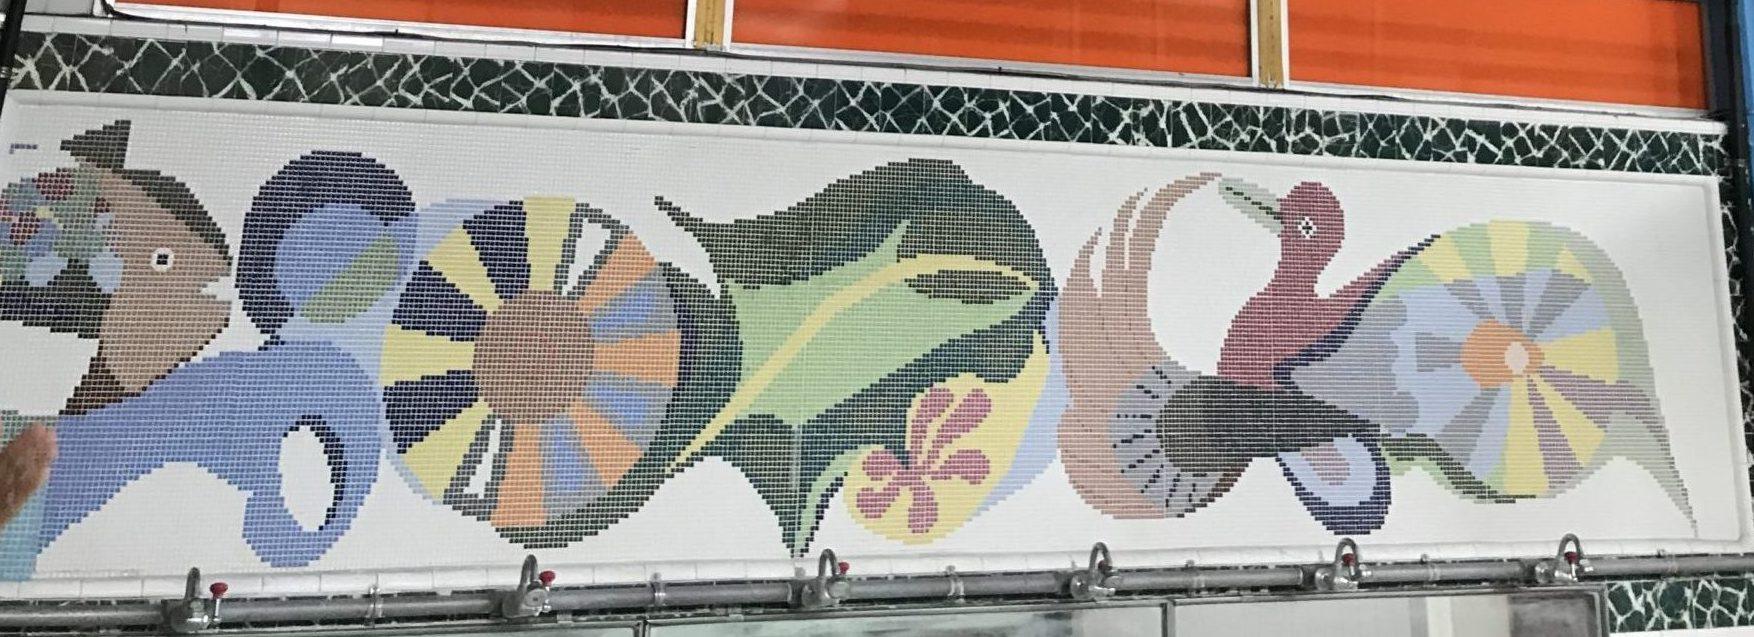 元銭湯のギャラリー&カフェ、新生宮の湯が今年オープン